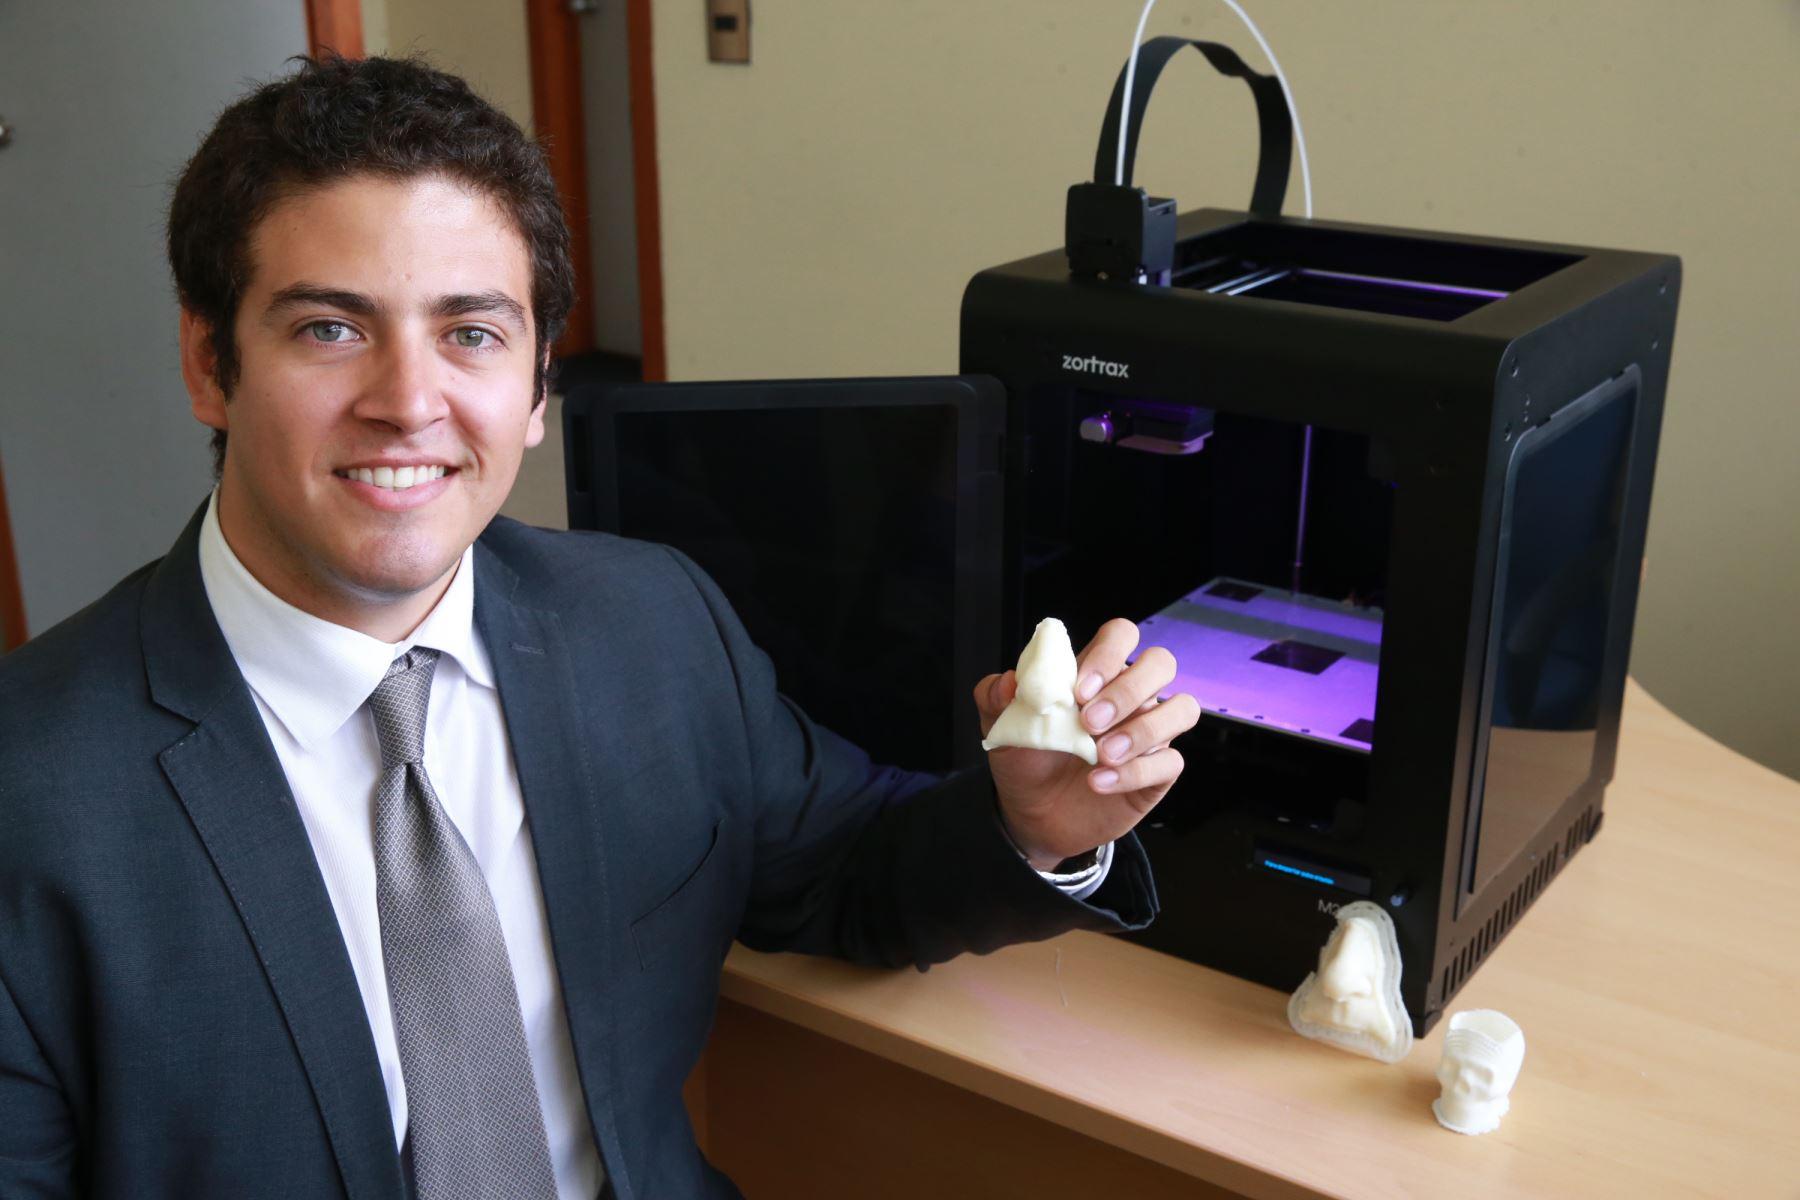 Con uso de tecnología moderna peruano descubre cómo crear prótesis faciales de bajo costo. ANDINA/Norman Córdova